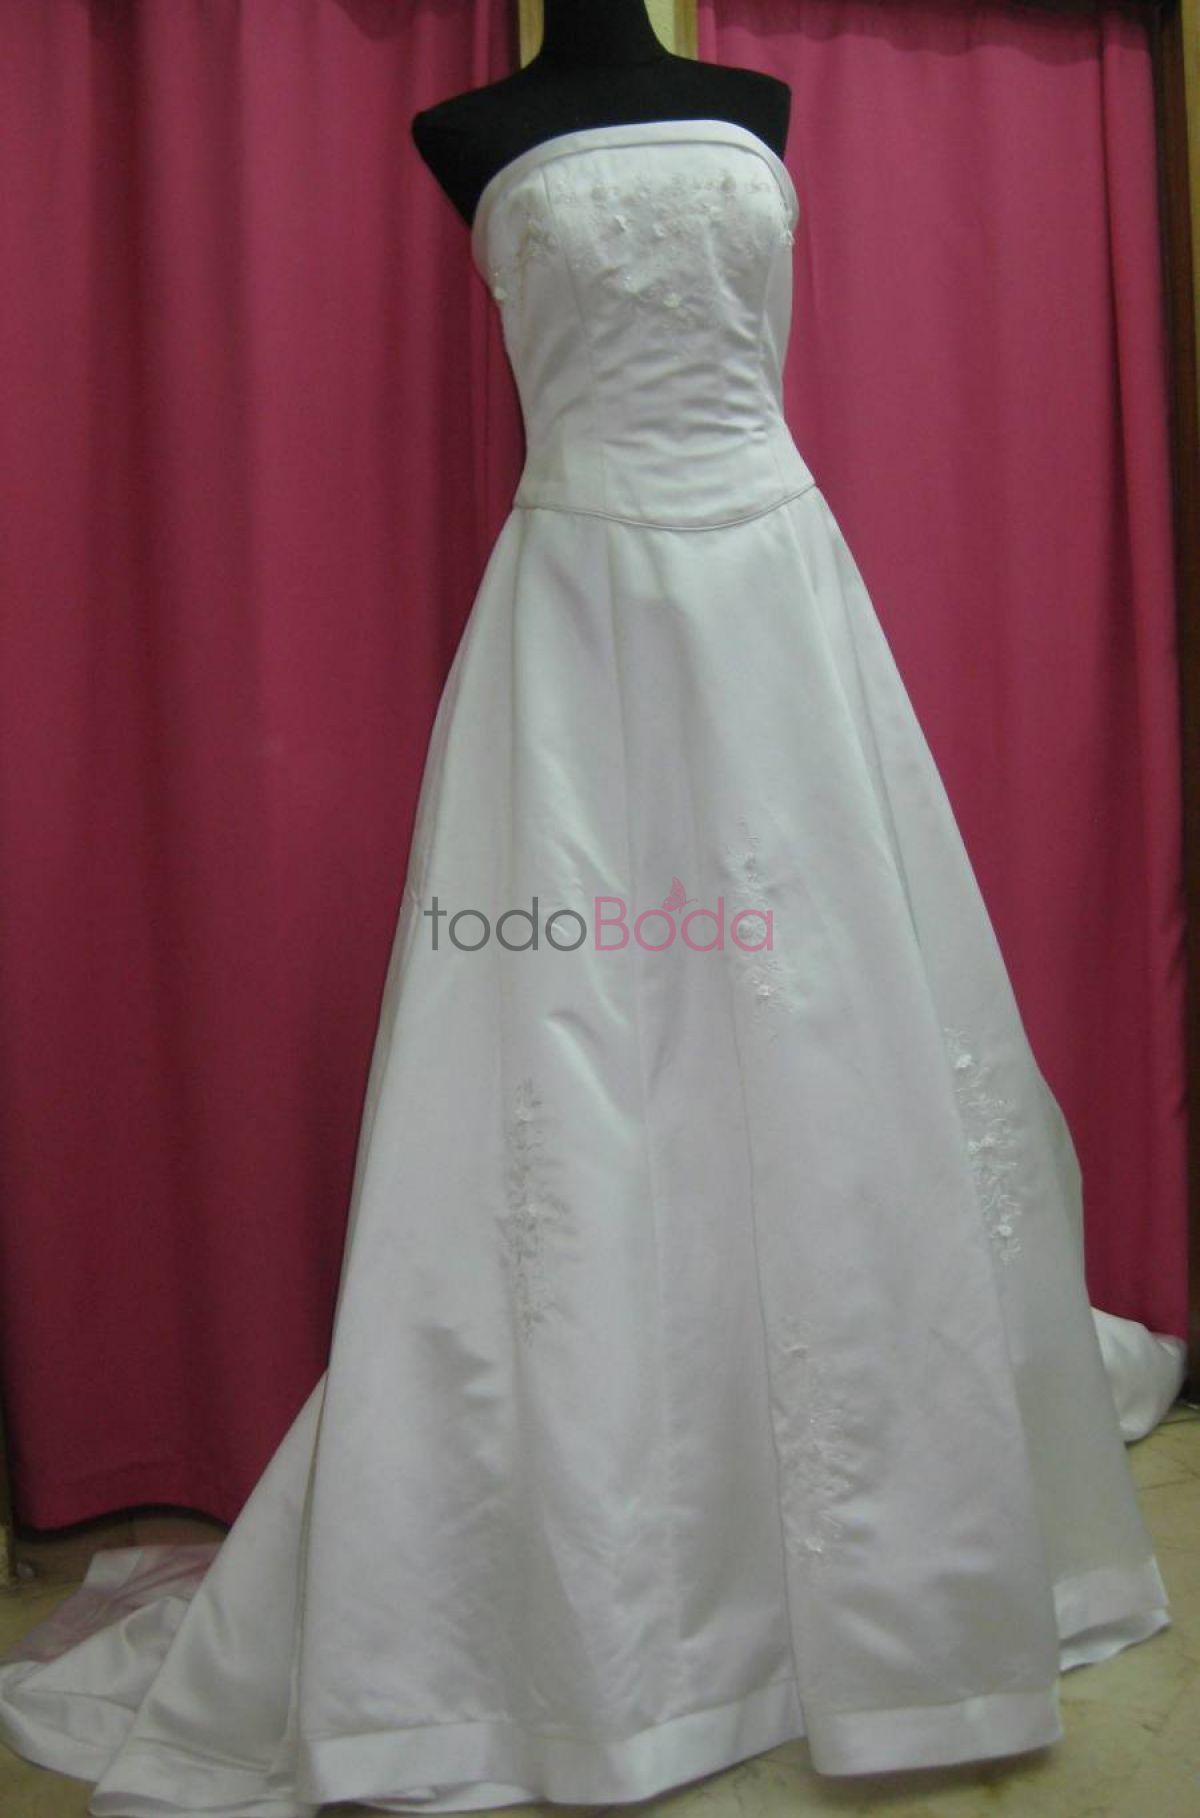 00ea684a84 Tu boda en Mil Modelitos Tienda De Compra Venta De Ropa De Segunda Mano. 3